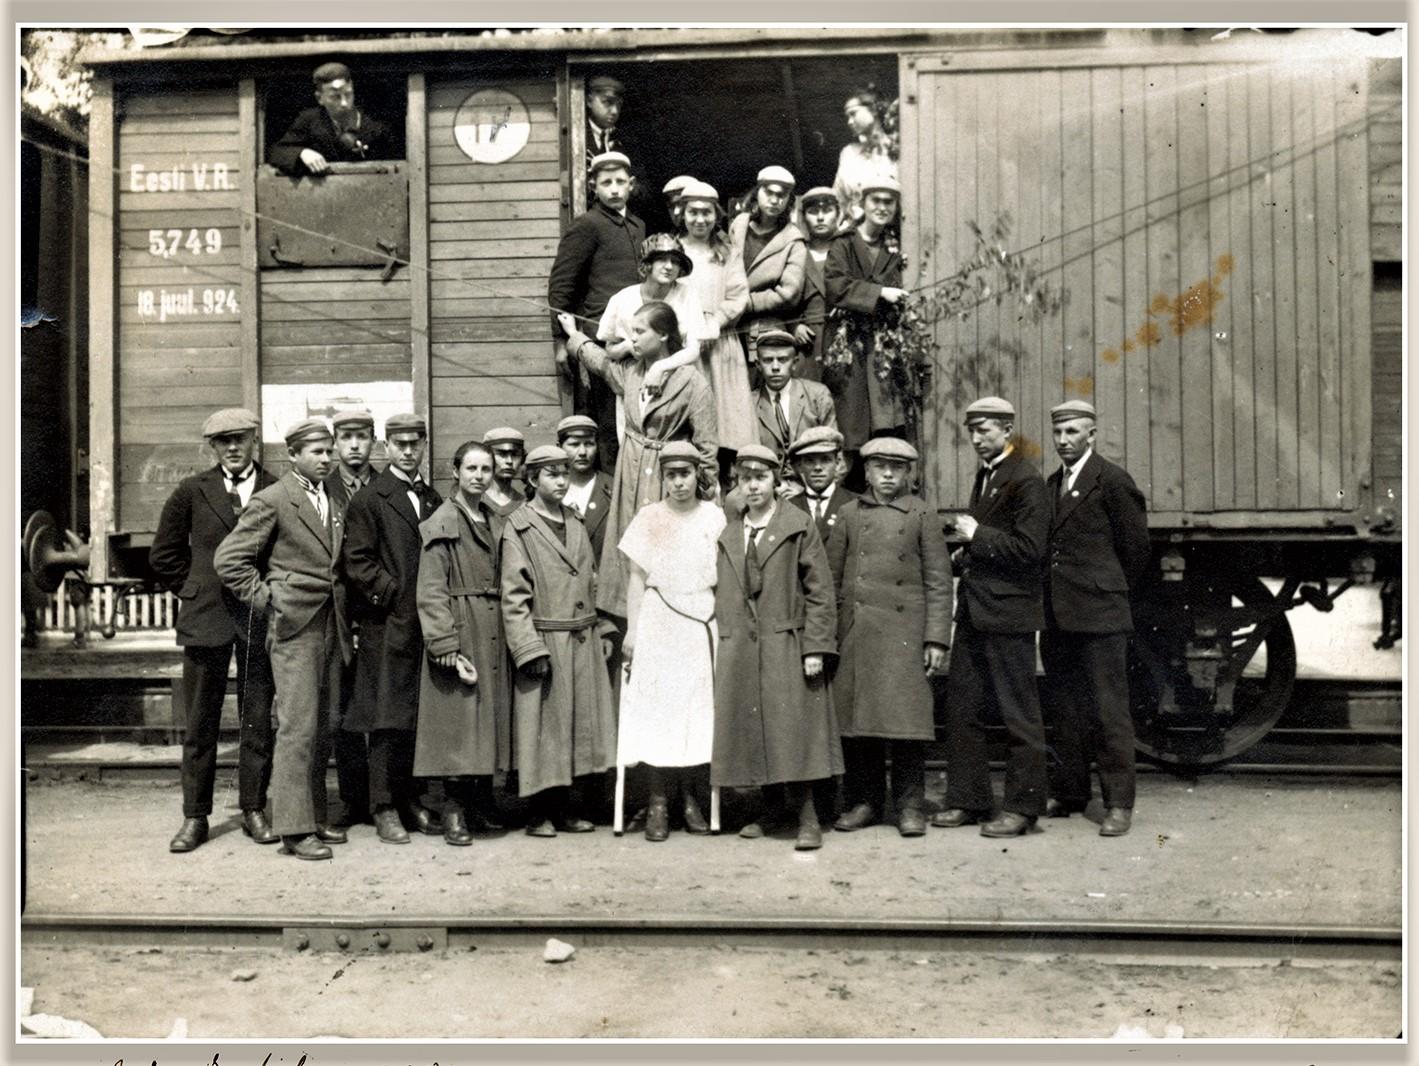 Põltsamaa vanadel fotodel: Põltsamaa ühisgümnaasiumi segakoor 2. juulil 1923. aastal. Foto Kalev Kiviste erakogu, fotograaf teadmata.